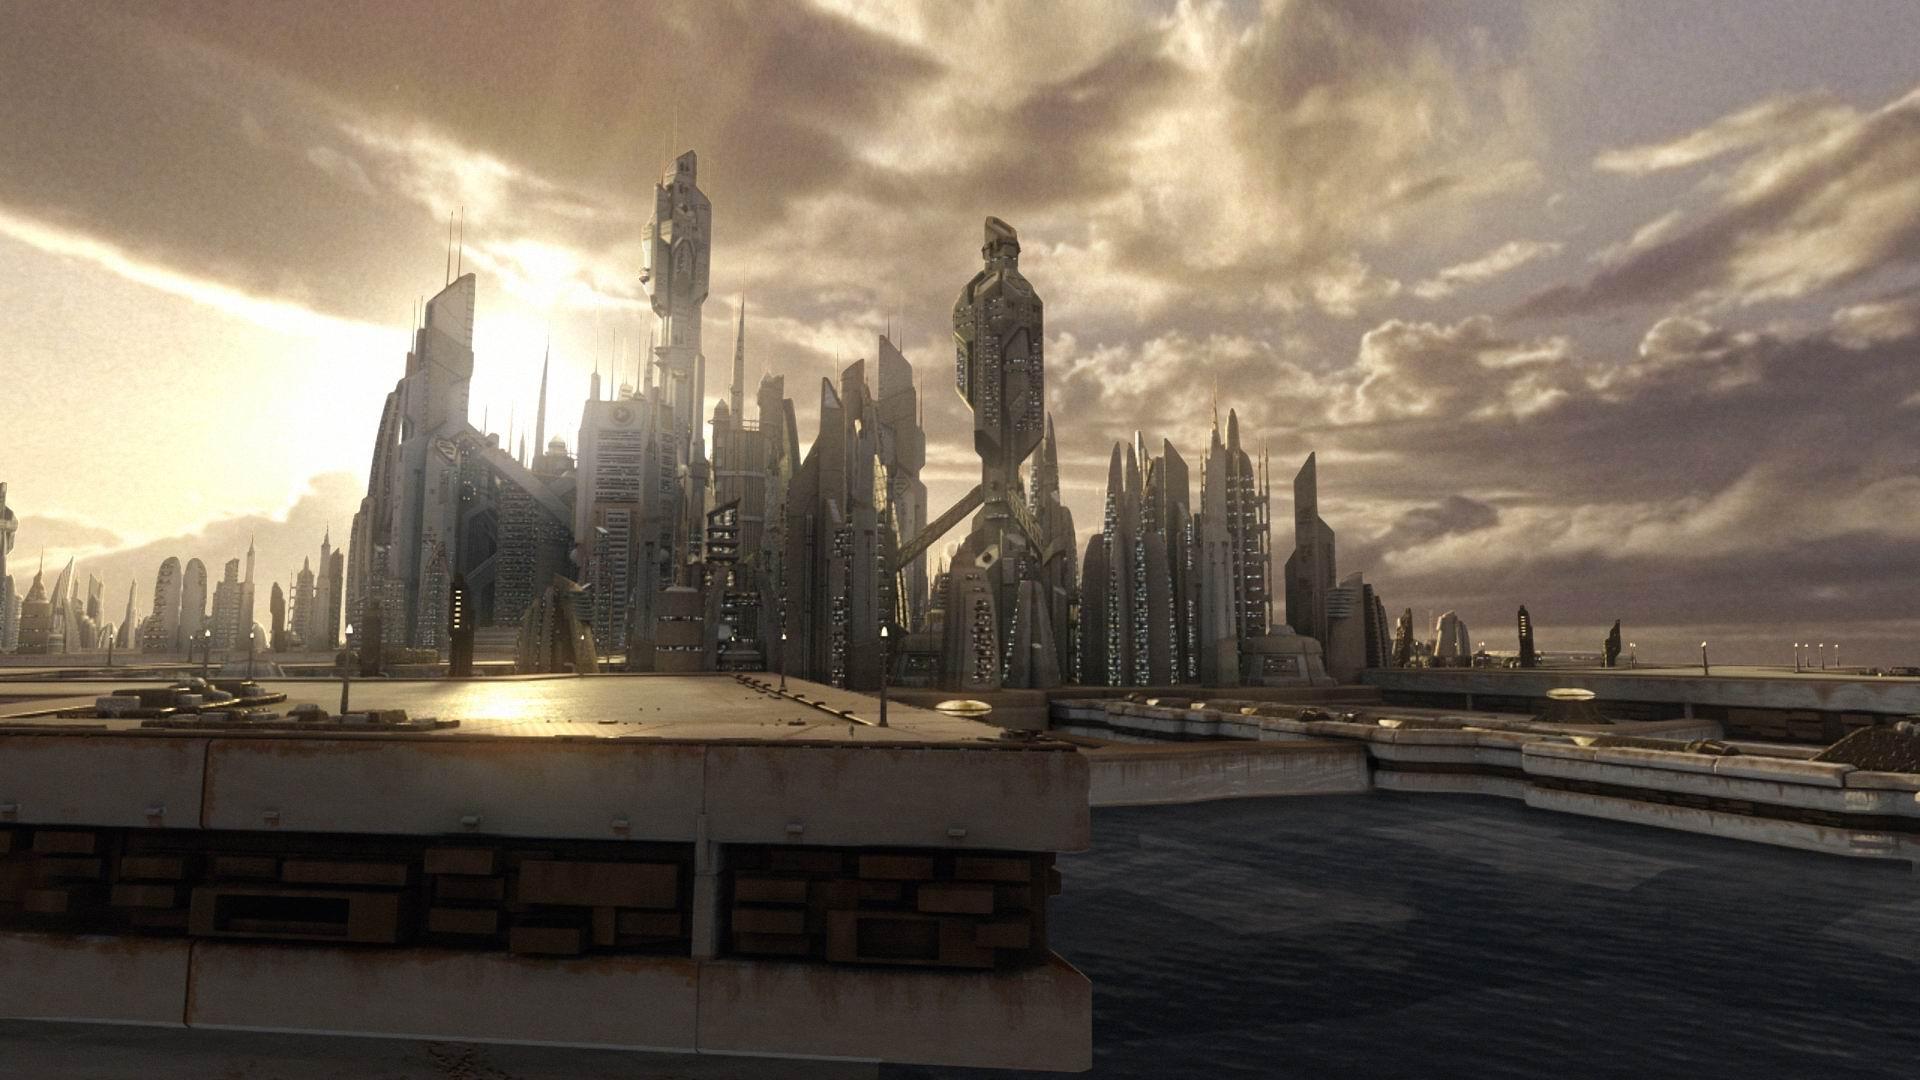 Stargate Atlantis wallpaper 1